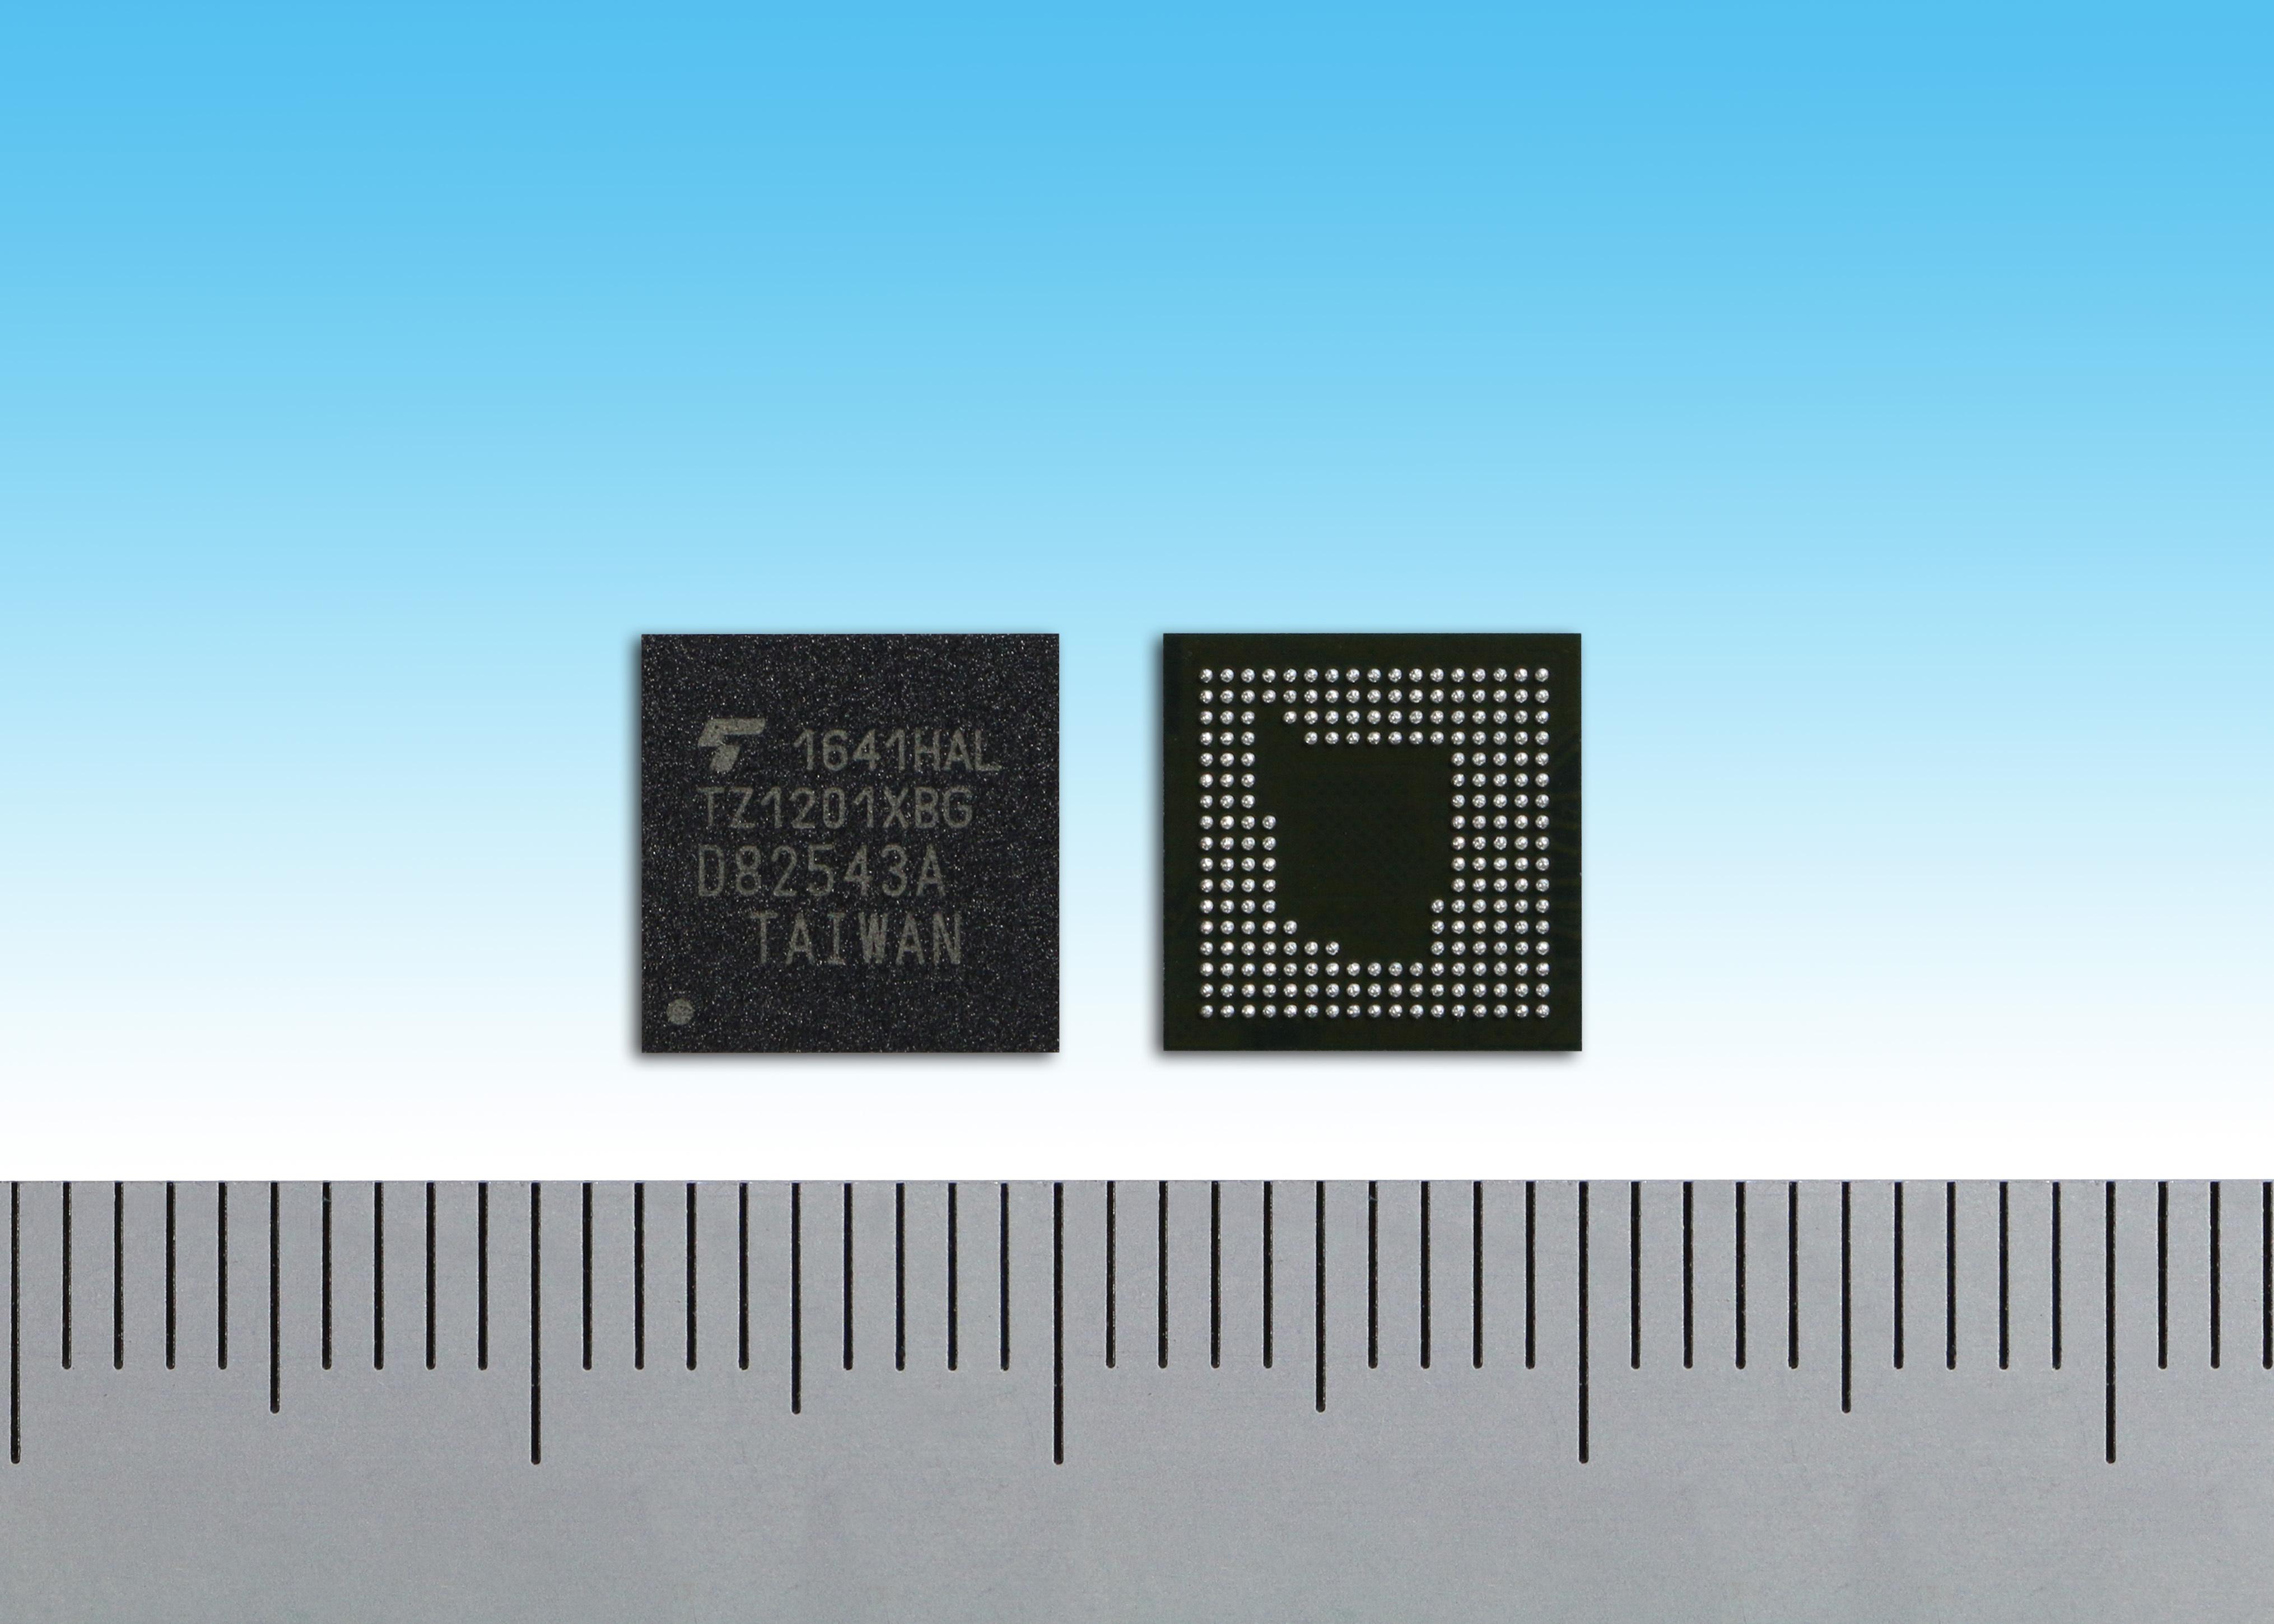 東芝:IoTやウェアラブル端末向ApP Lite(TM)ファミリーの新製品「TZ1201XBG」(写真:ビジネスワイヤ)